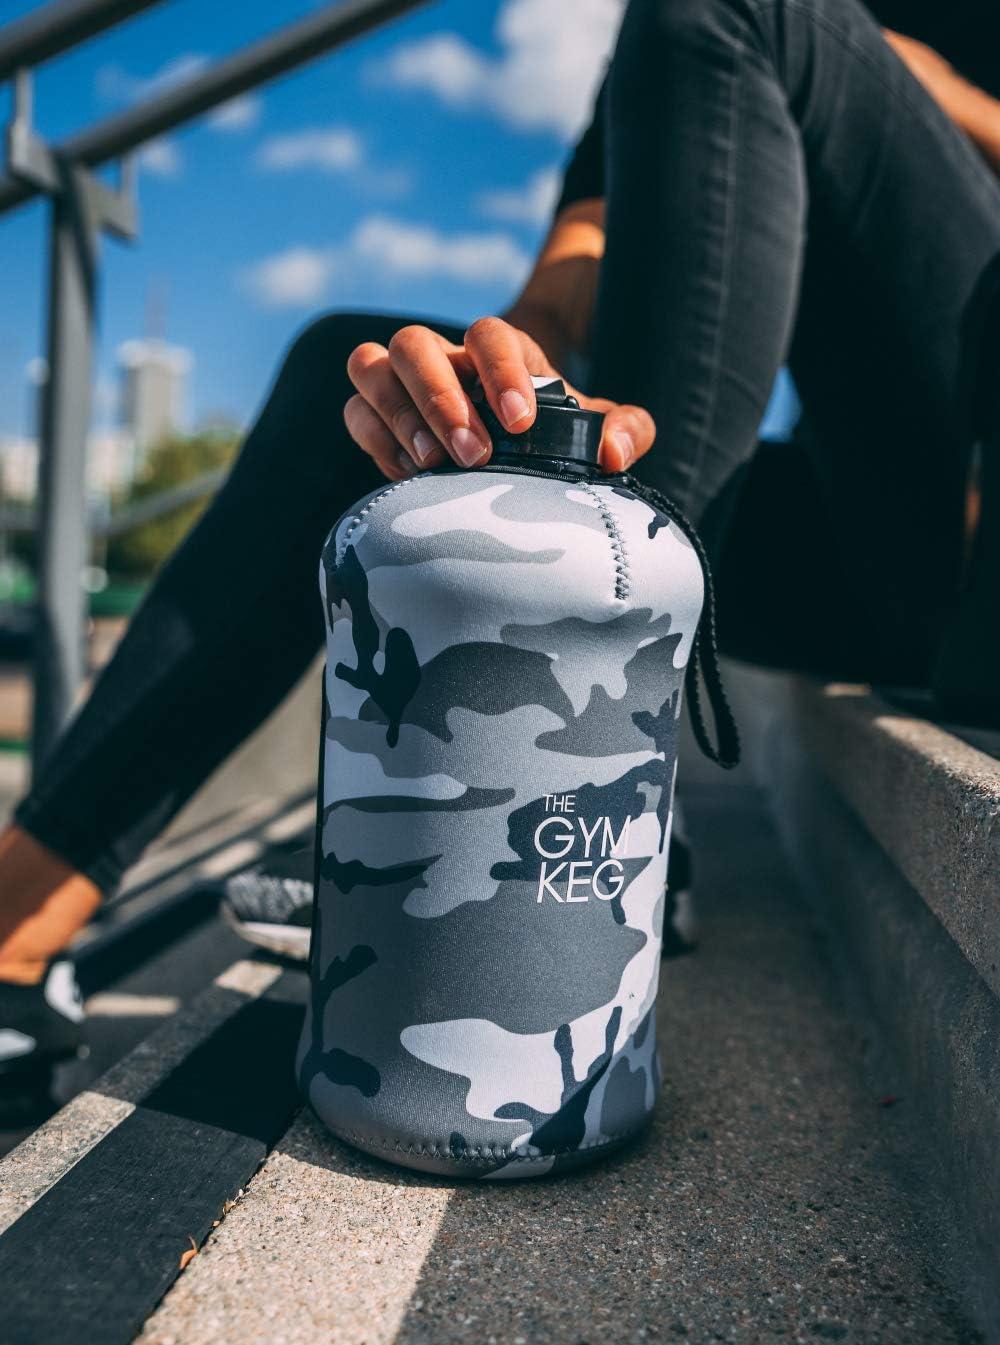 Culturismo Botella de Agua para Gimnasio Botella de Agua Duradera y Resistente de 2.2 litros Exclusive Sleeve dise/ño 2018 The Gym Keg BPA Grandes Botellas de Agua para Deportes de Medio gal/ón